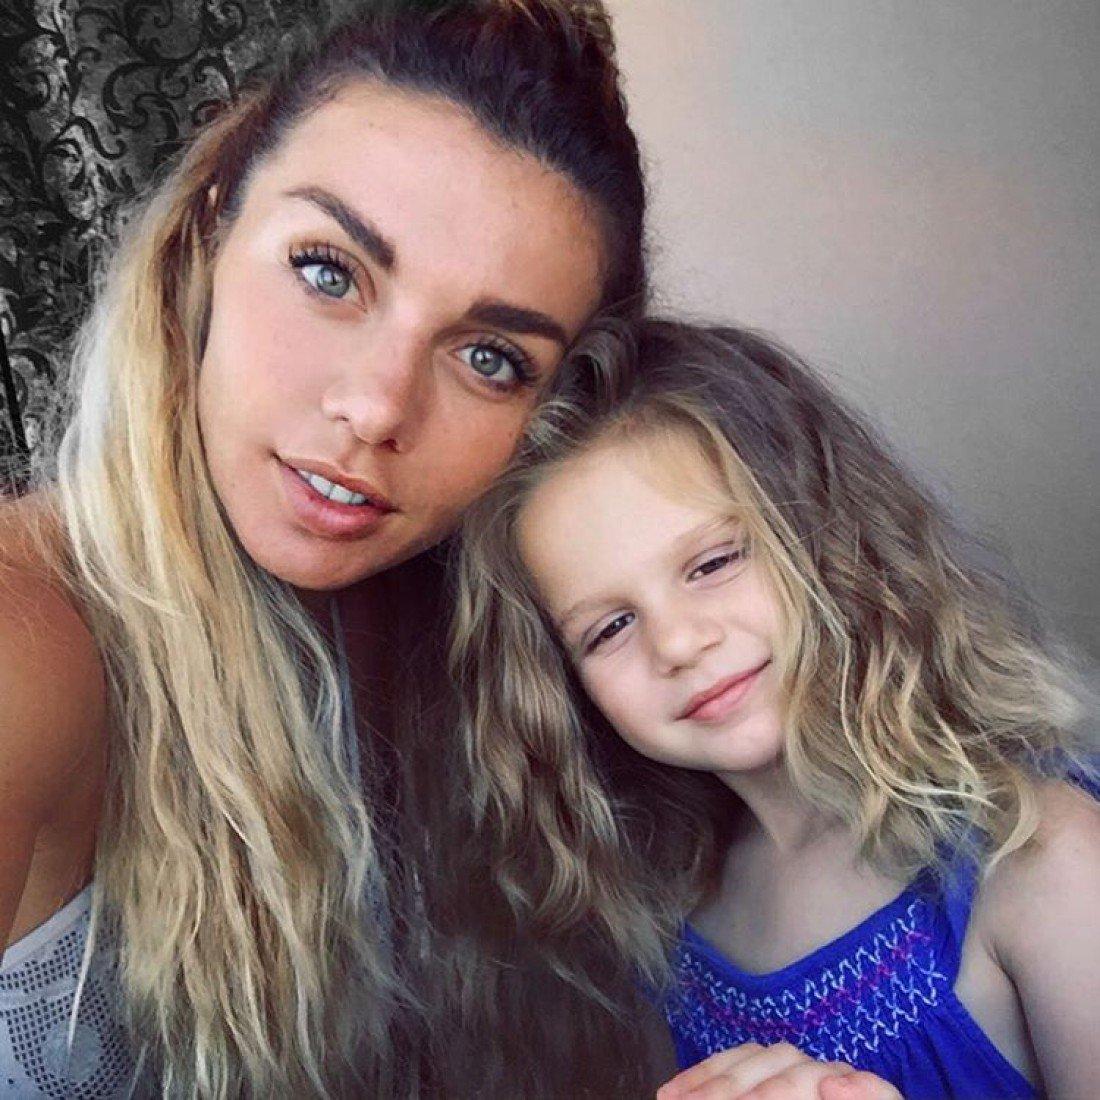 «Сказали, что яопасна»: Седокову могут отнять родительских прав